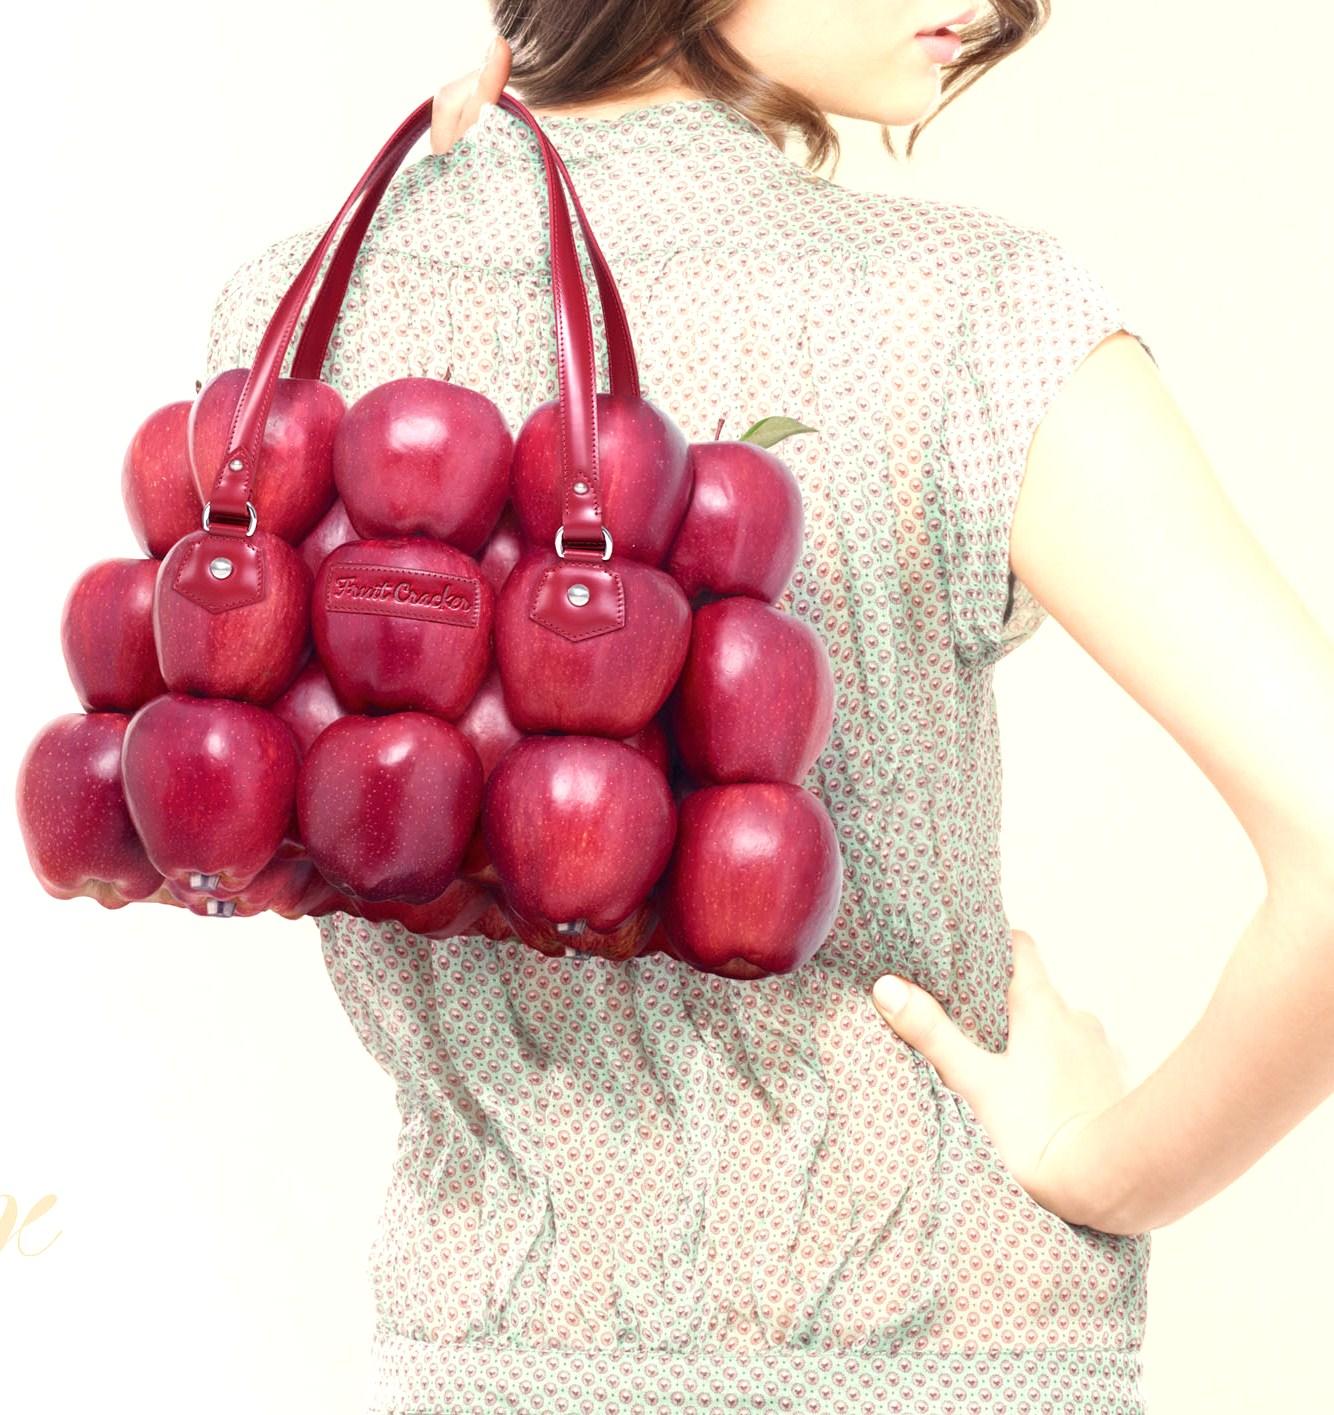 Edible Fruity Purses